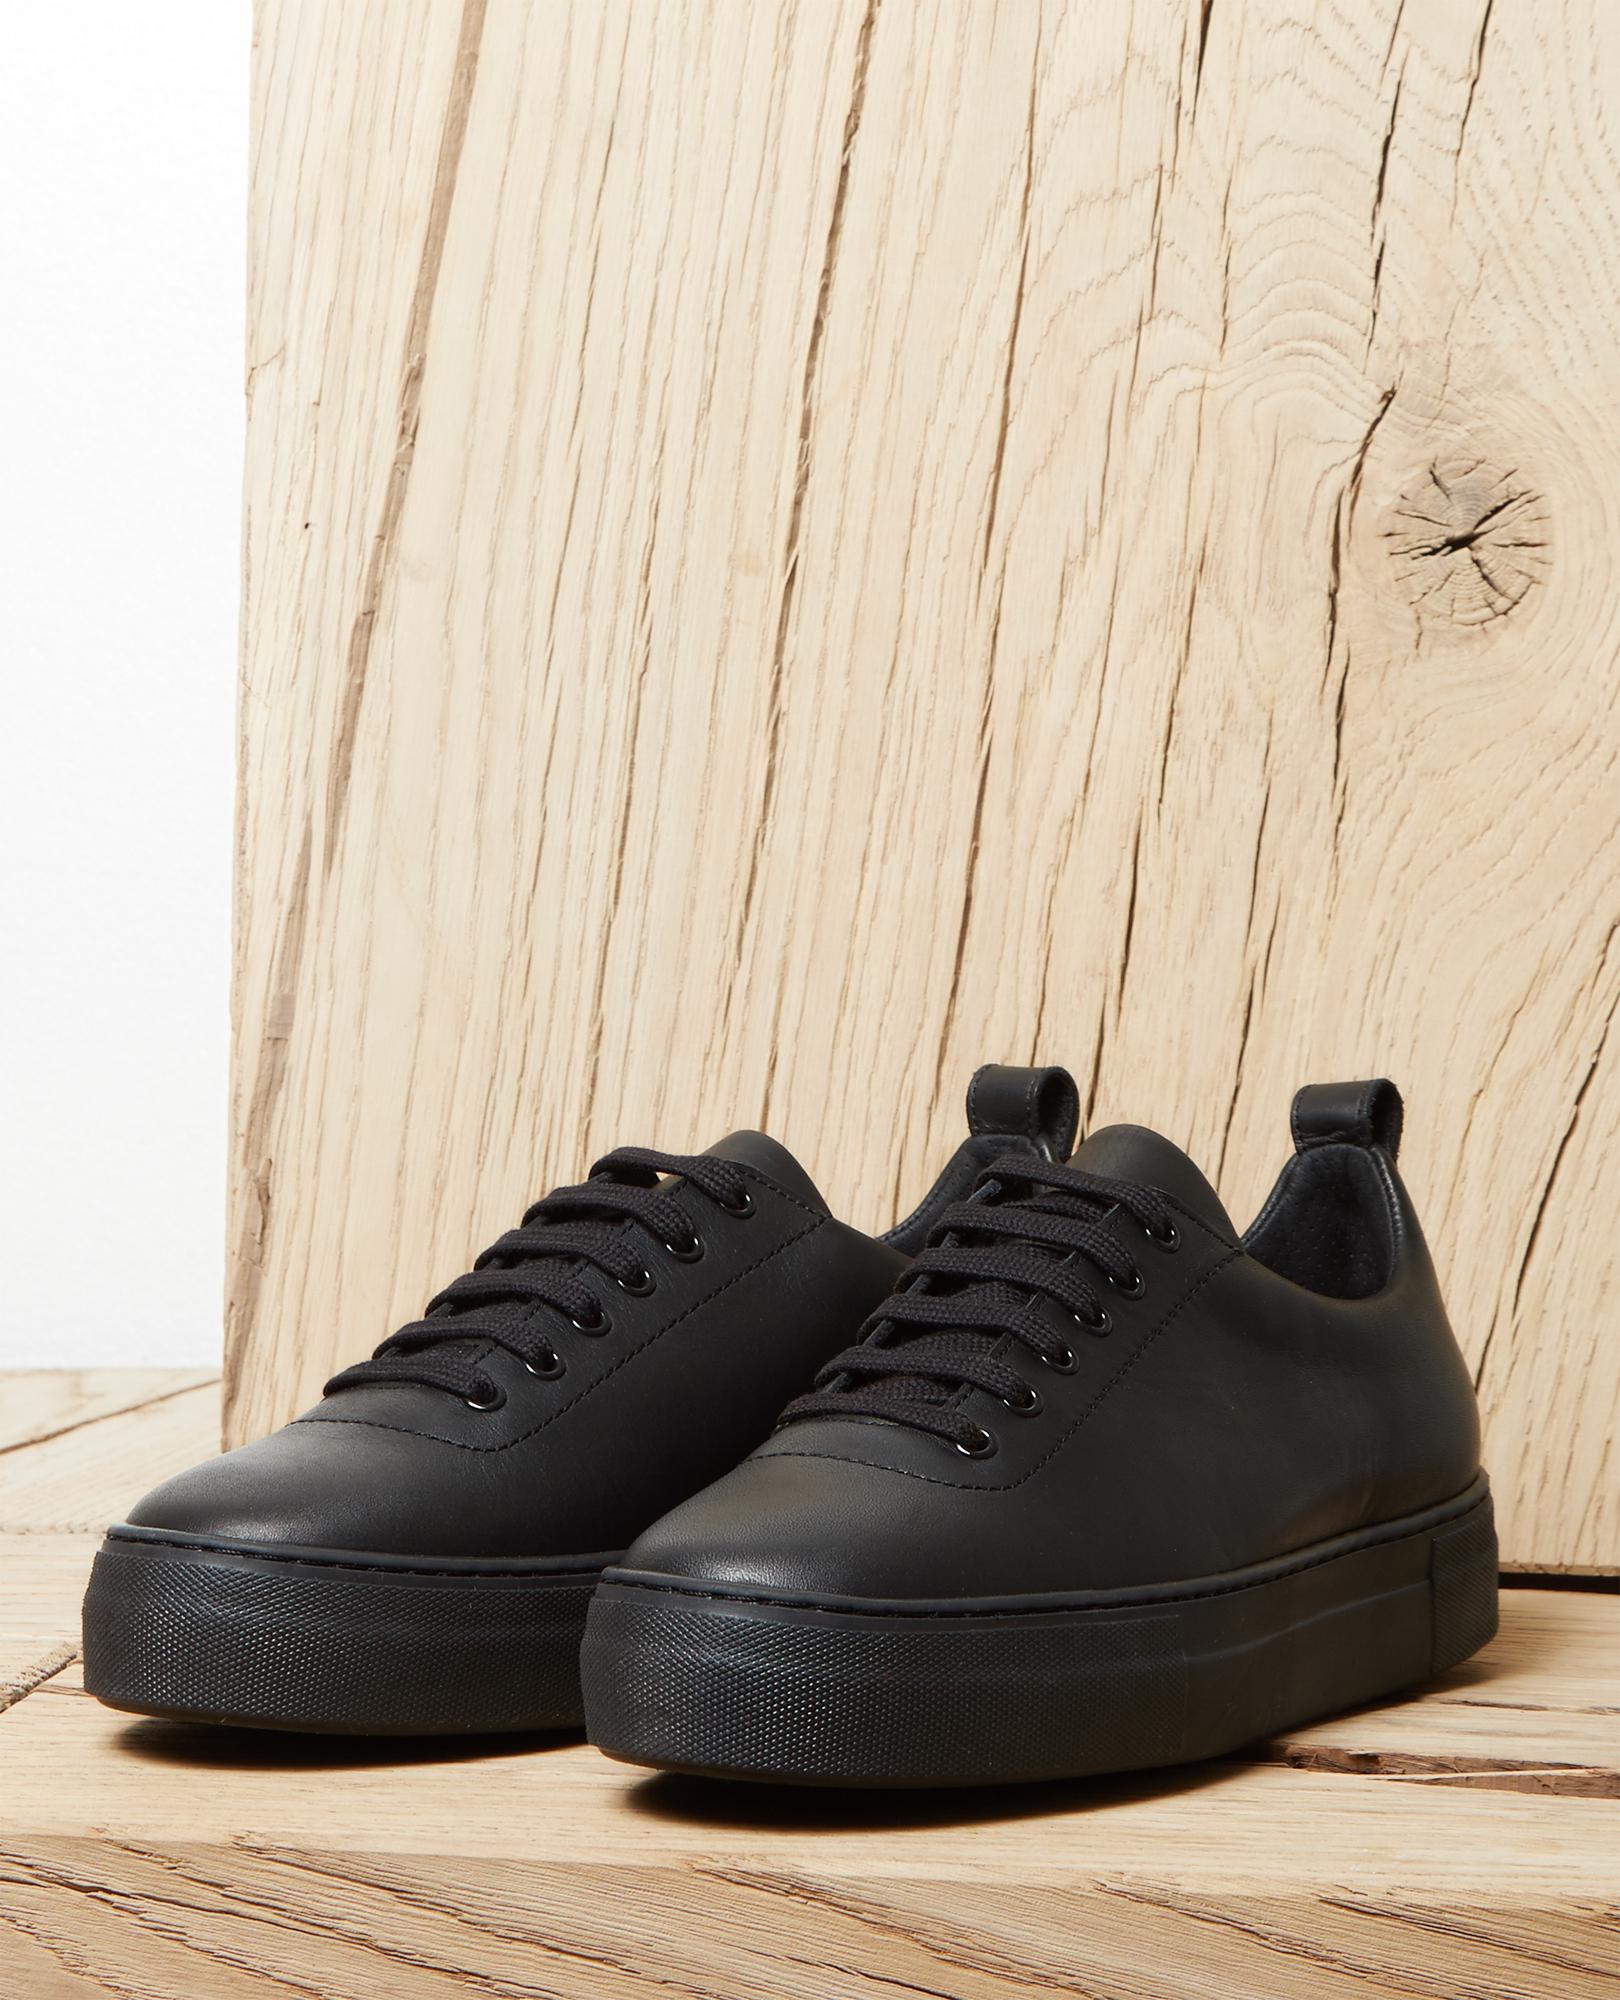 finest selection 6a80d 9ca0c Chaussures femme - Escarpins, Bottines, Baskets   Comptoir des Cotonniers